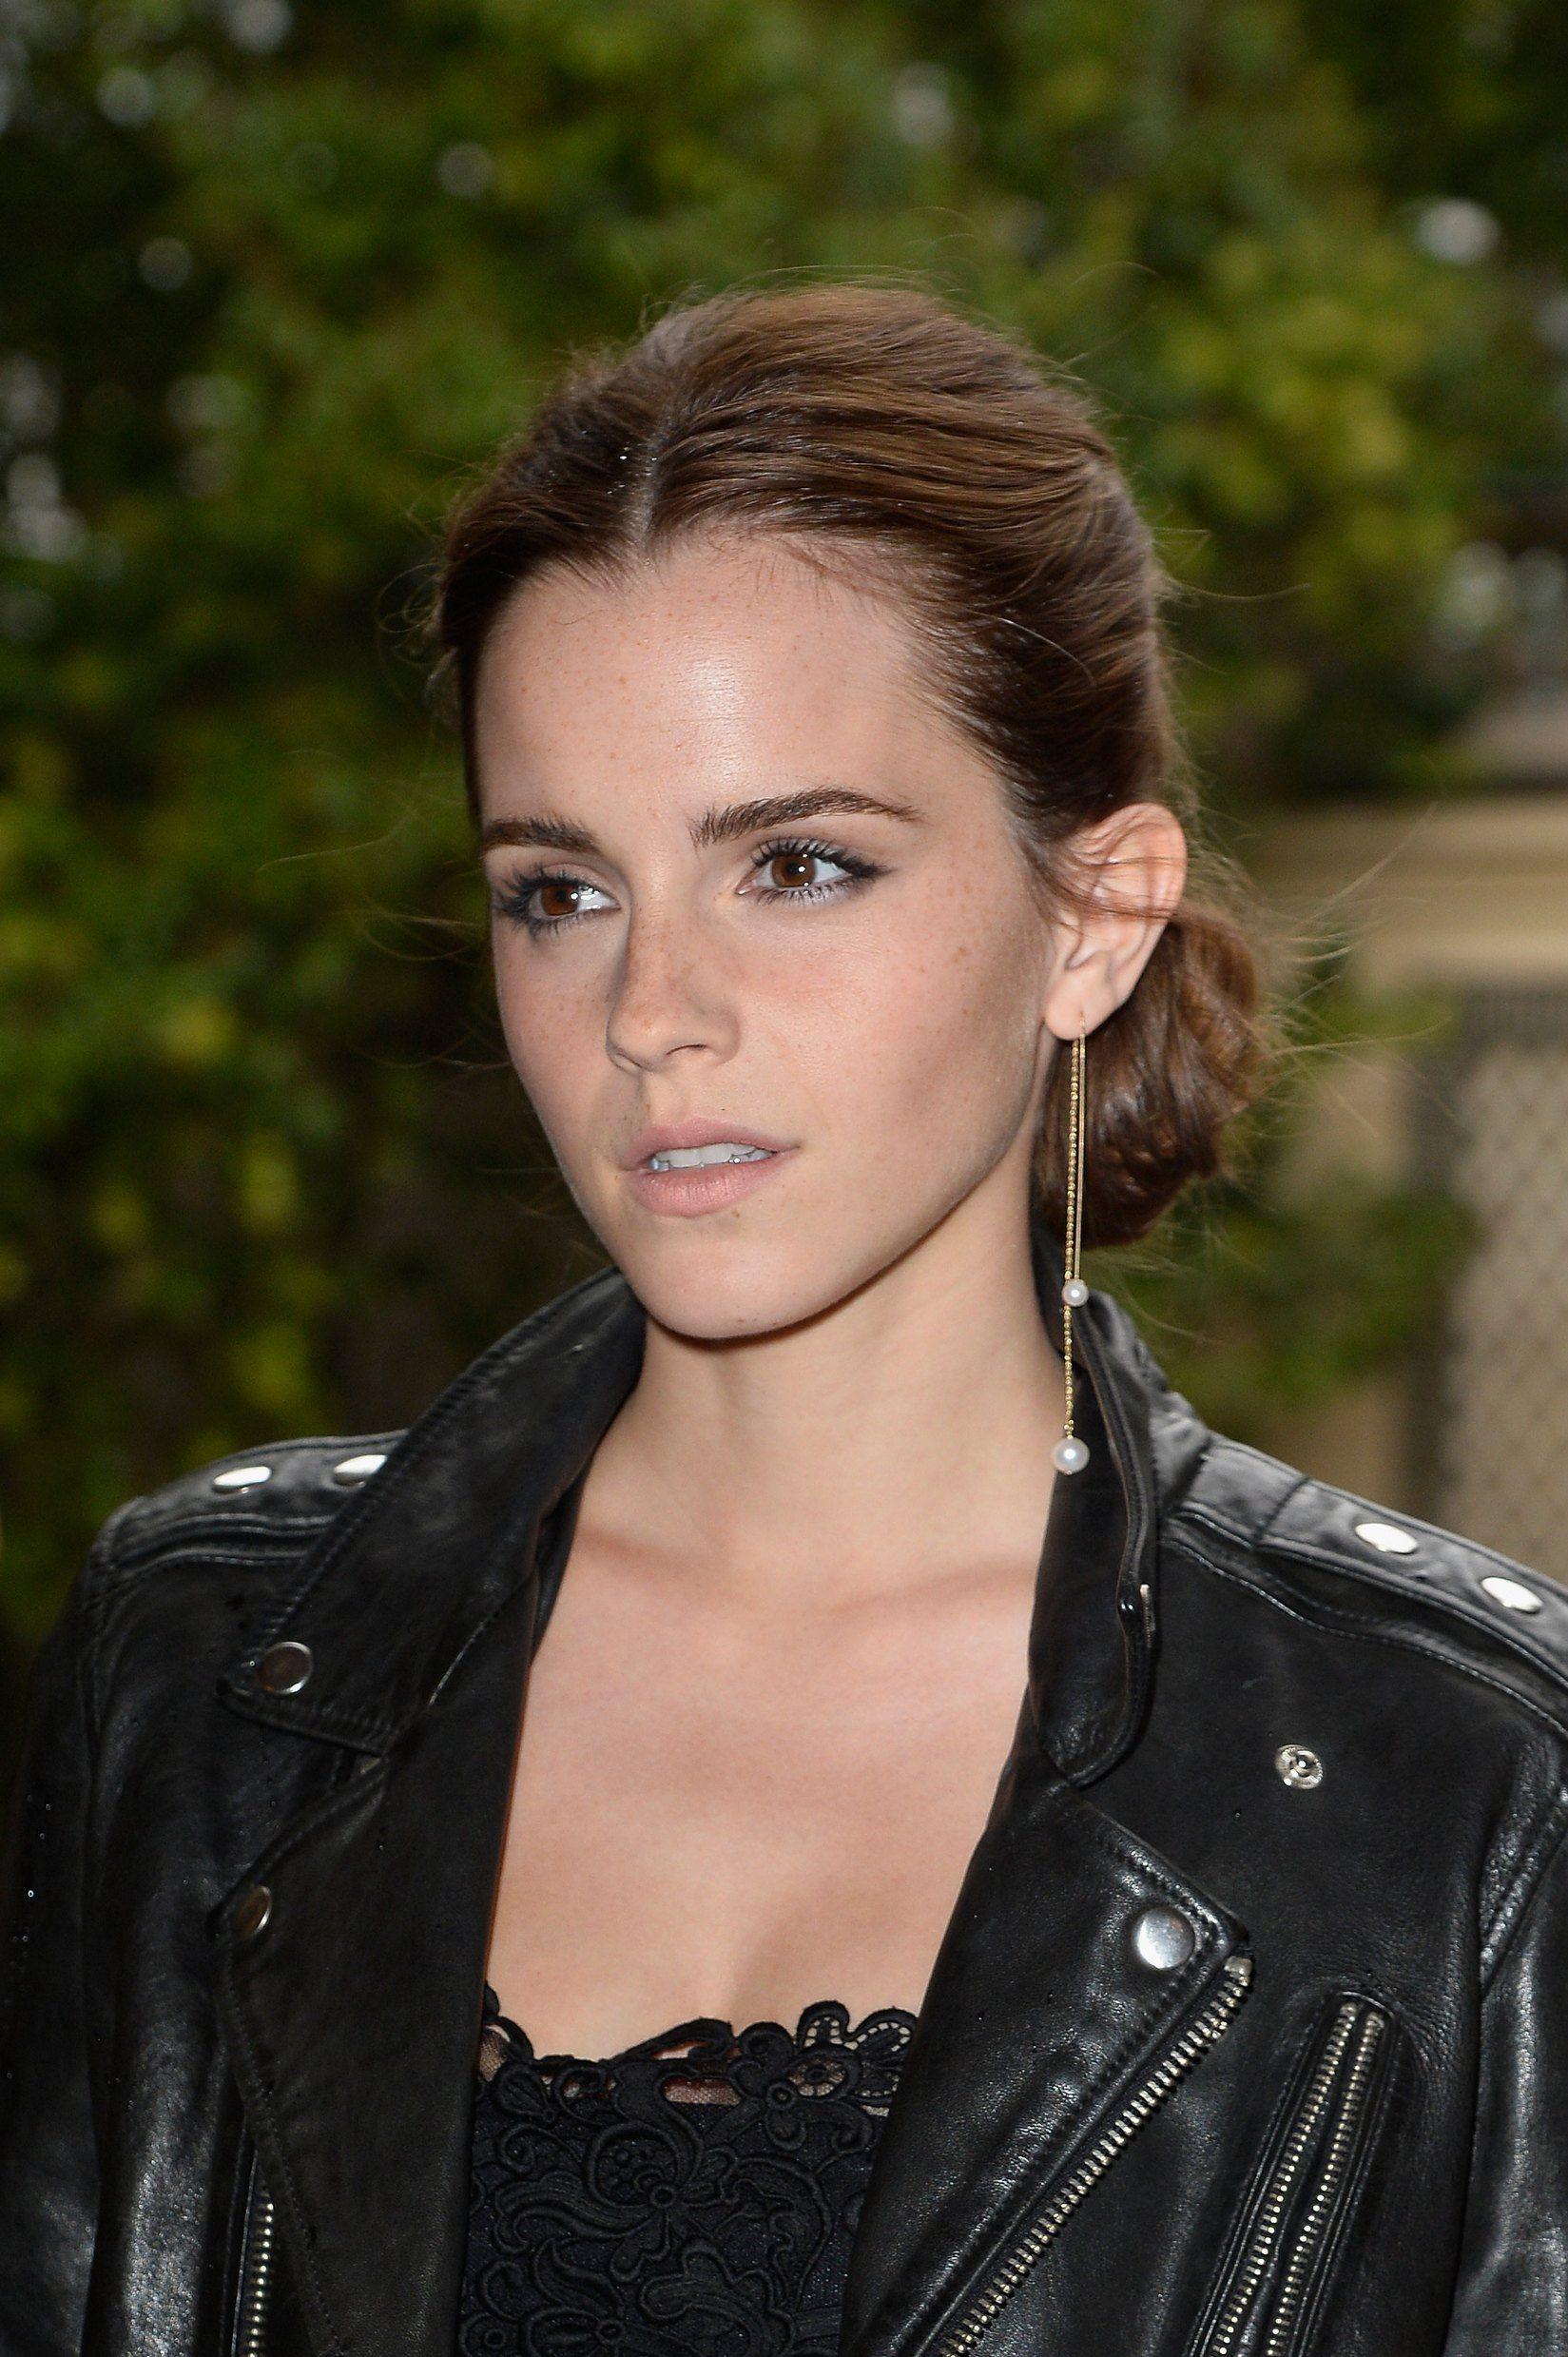 Earrings Emma Watson Fashion Week (con imágenes) Emma